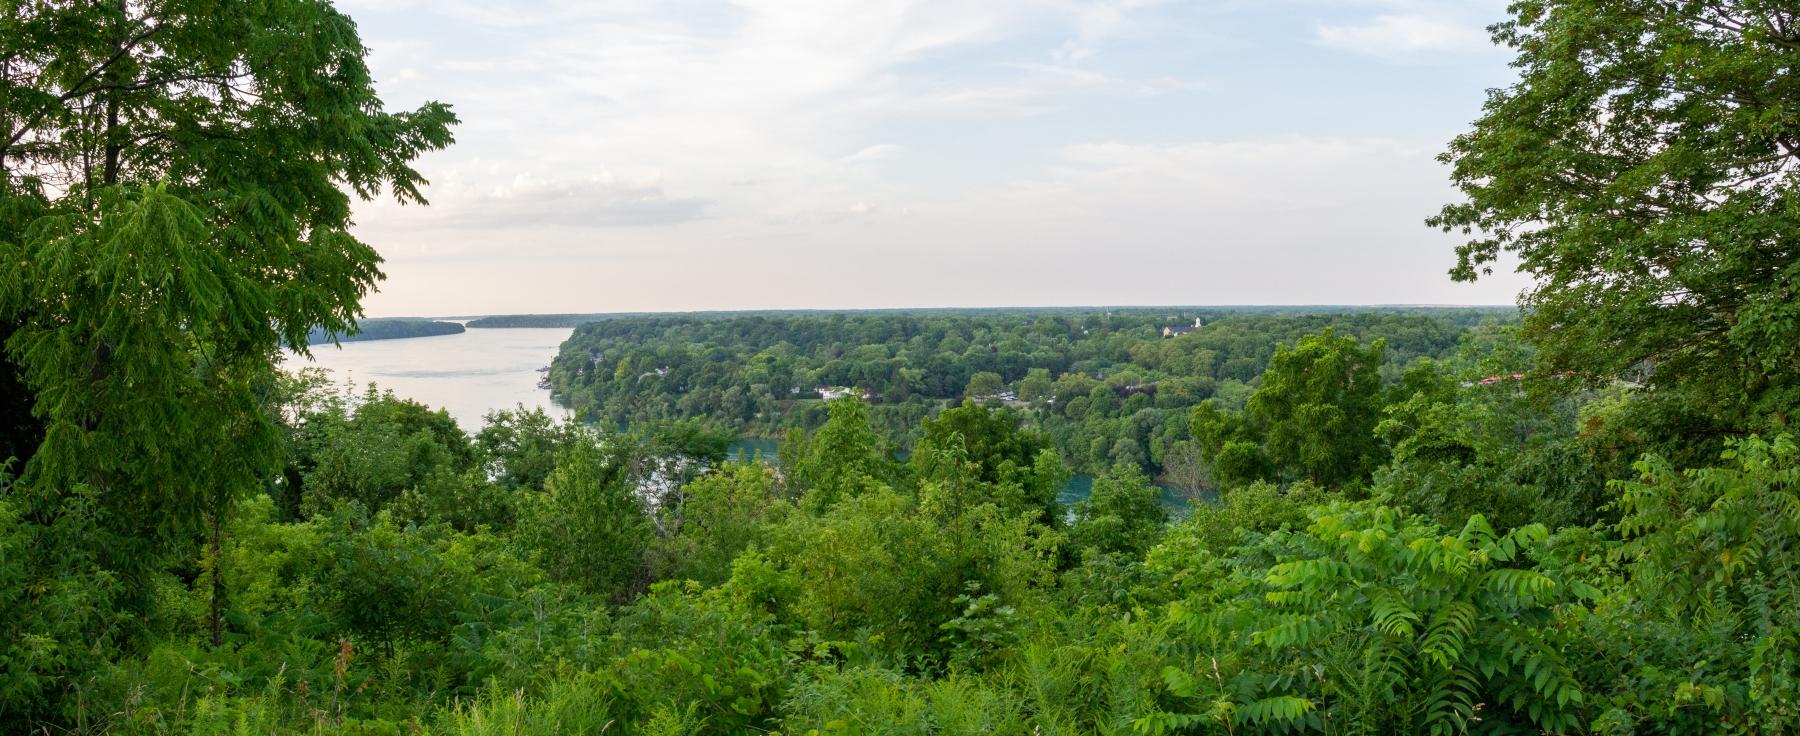 Niagara escarpment look out